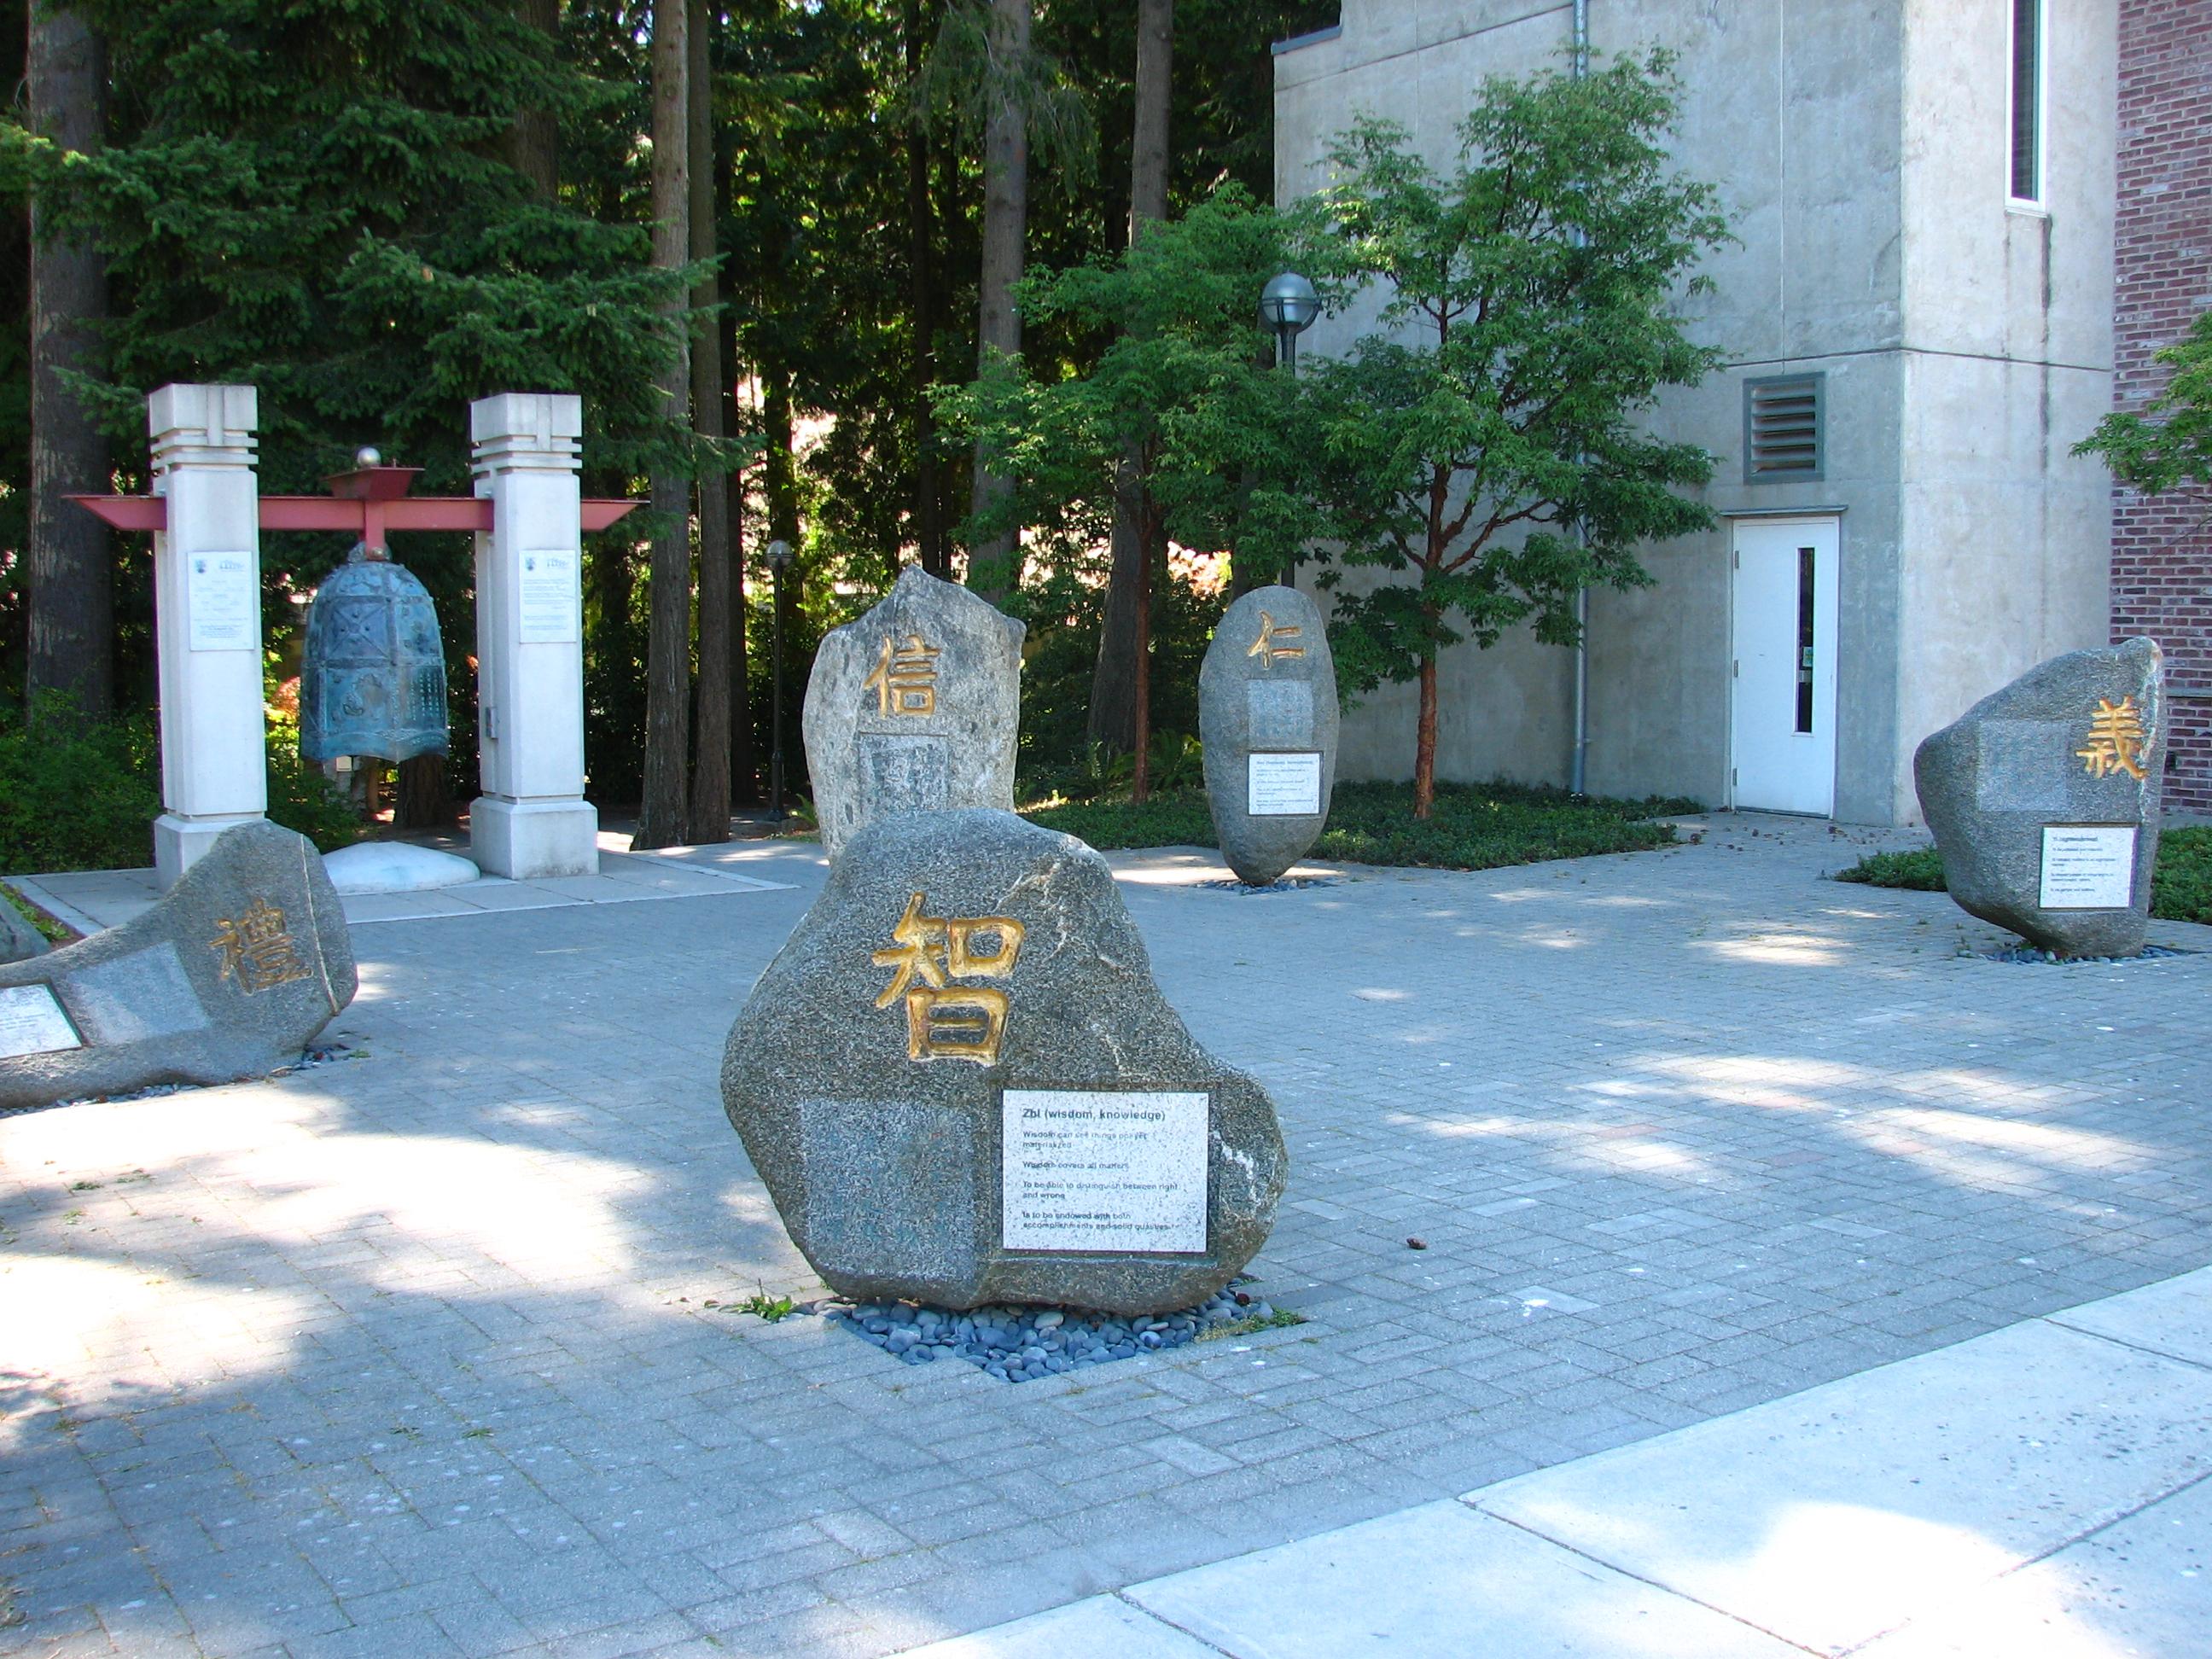 C. K. Choi Building stone garden